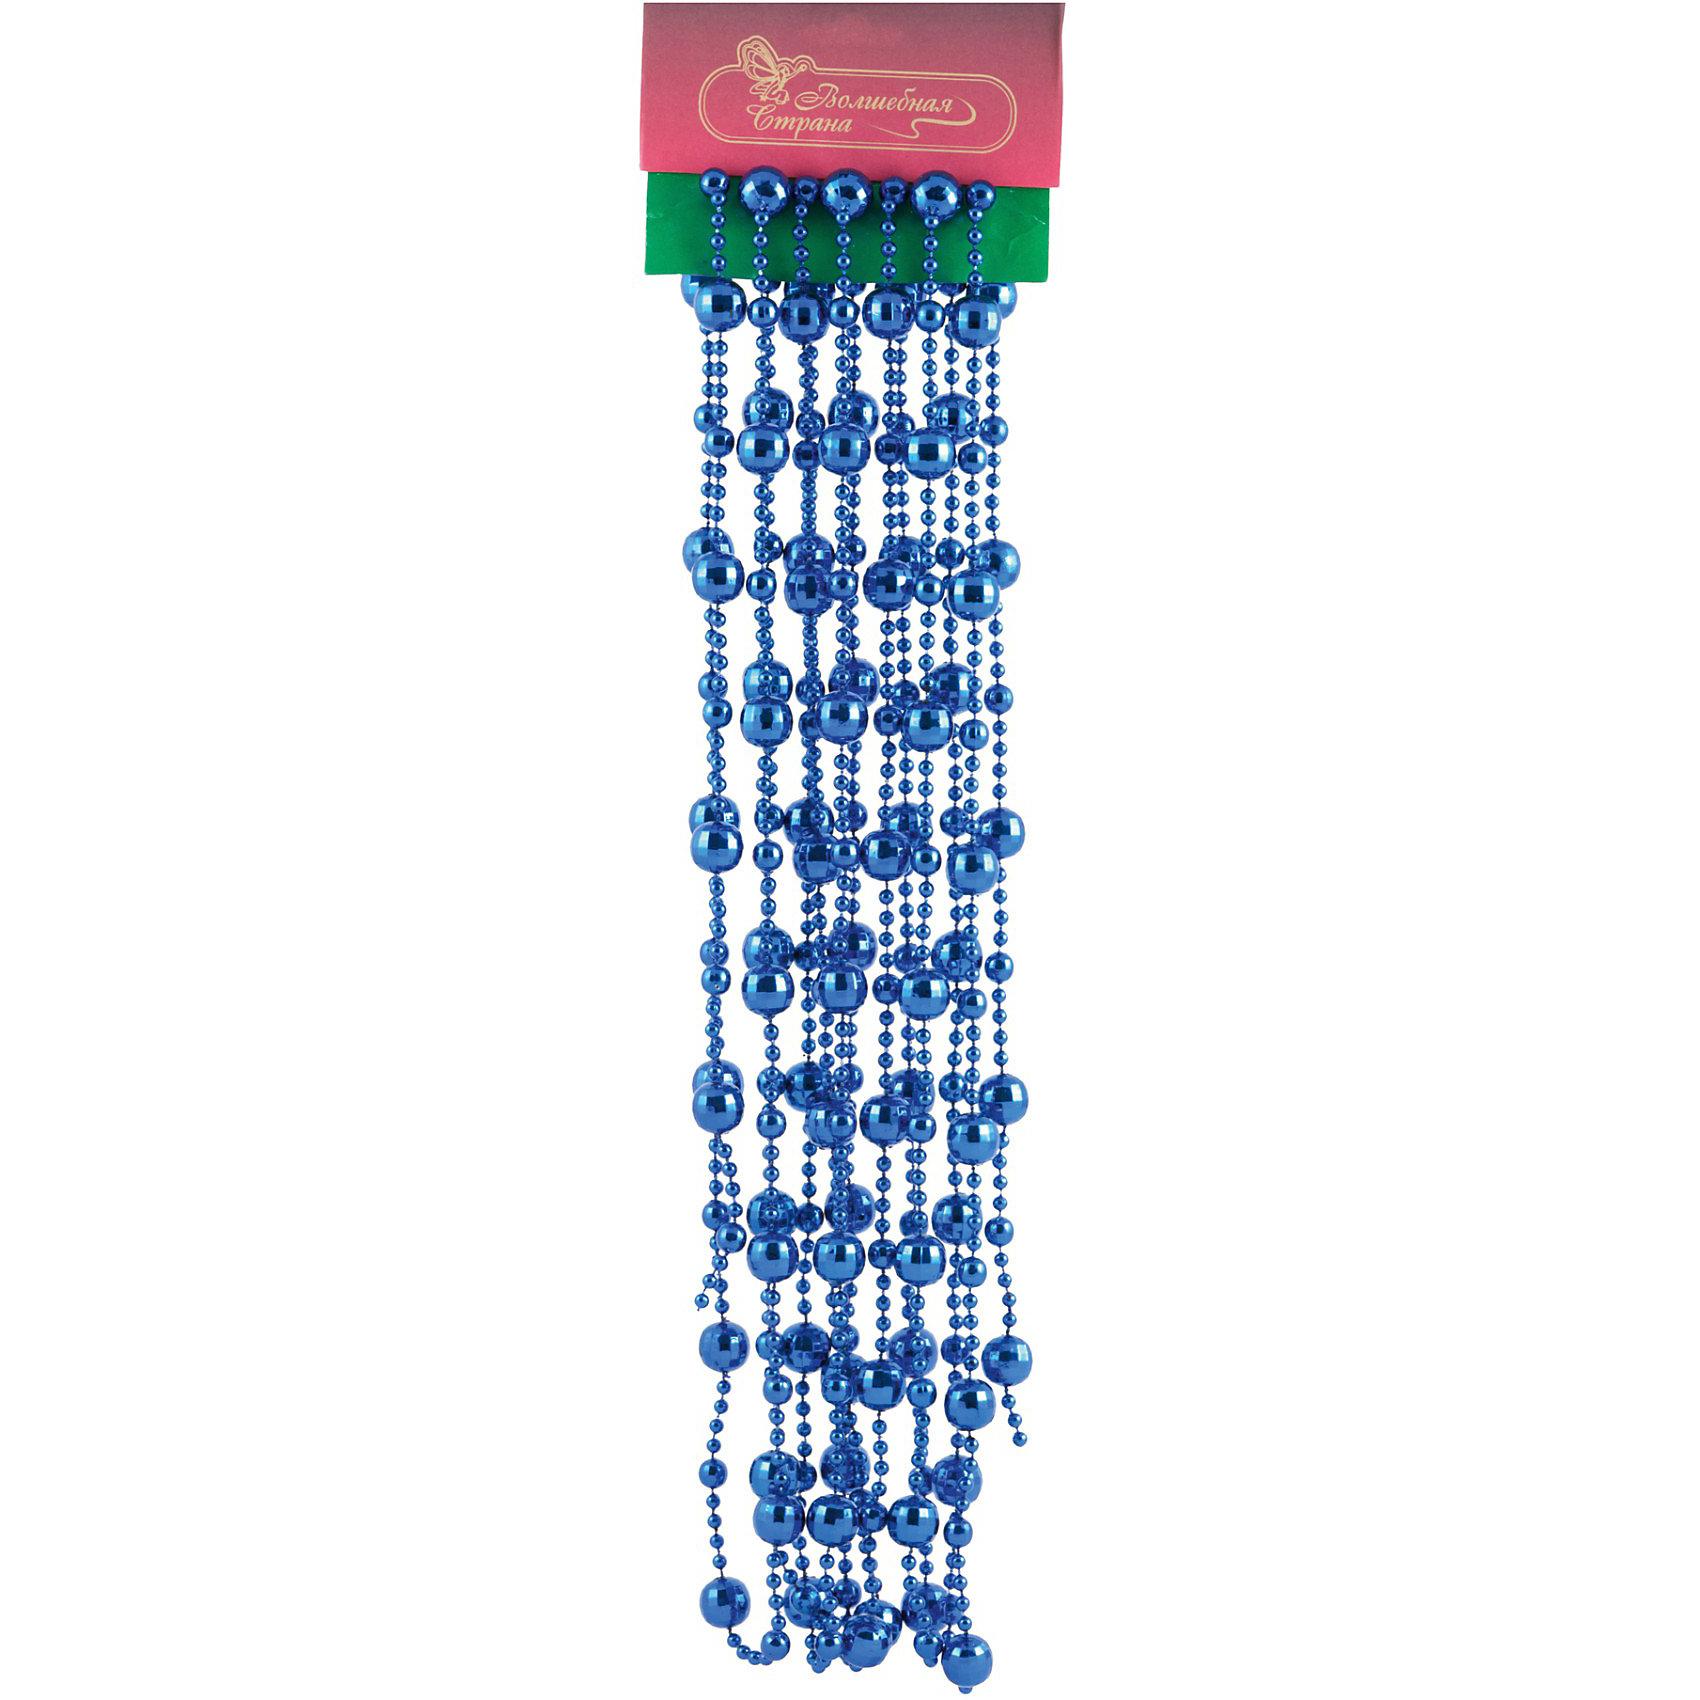 Бусы Барокко (длина 5,4 м, цвет синий), Волшебная странаВсё для праздника<br>Бусы Барокко, Волшебная страна станут замечательным украшением для Вашей новогодней елки и помогут создать праздничную волшебную атмосферу. Бусы синей расцветки выполнены в элегантном дизайне и состоят из бусинок разного размера и диаметра, они будут чудесно смотреться на елке и вызывать положительные эмоции у детей и взрослых.<br><br><br>Дополнительная информация:<br><br>- Цвет: синий.<br>- Длина бус: 5,4 м.<br>- Размер упаковки: 38 x 11 x 1 см.<br>- Вес: 190 гр. <br><br>Бусы Барокко Волшебная страна можно купить в нашем интернет-магазине.<br><br>Ширина мм: 380<br>Глубина мм: 110<br>Высота мм: 10<br>Вес г: 190<br>Возраст от месяцев: 36<br>Возраст до месяцев: 2147483647<br>Пол: Унисекс<br>Возраст: Детский<br>SKU: 3800238